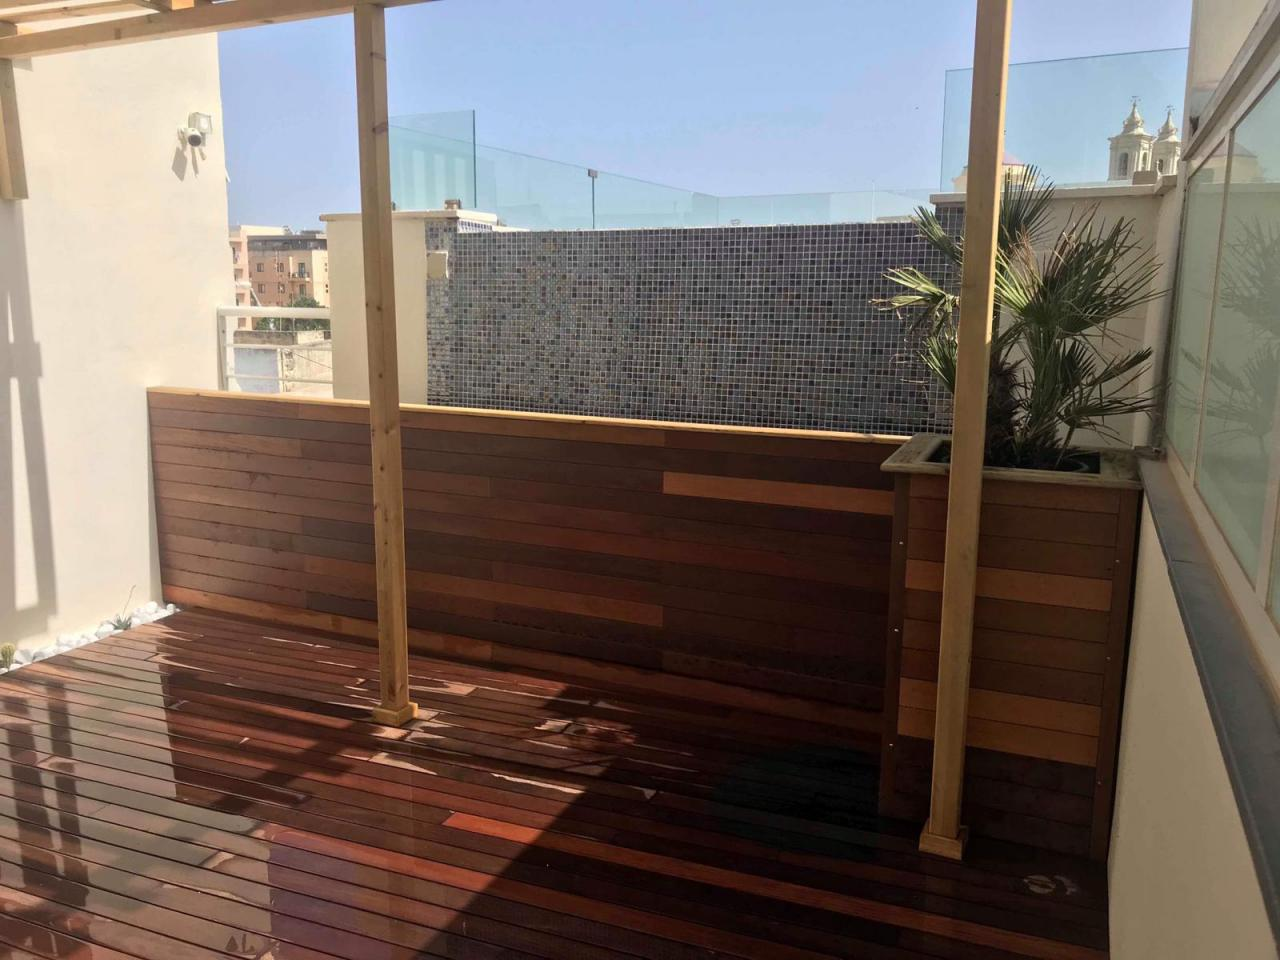 Posa Parquet Orizzontale O Verticale decking per esterni: prezzi, caratteristiche ed alternative